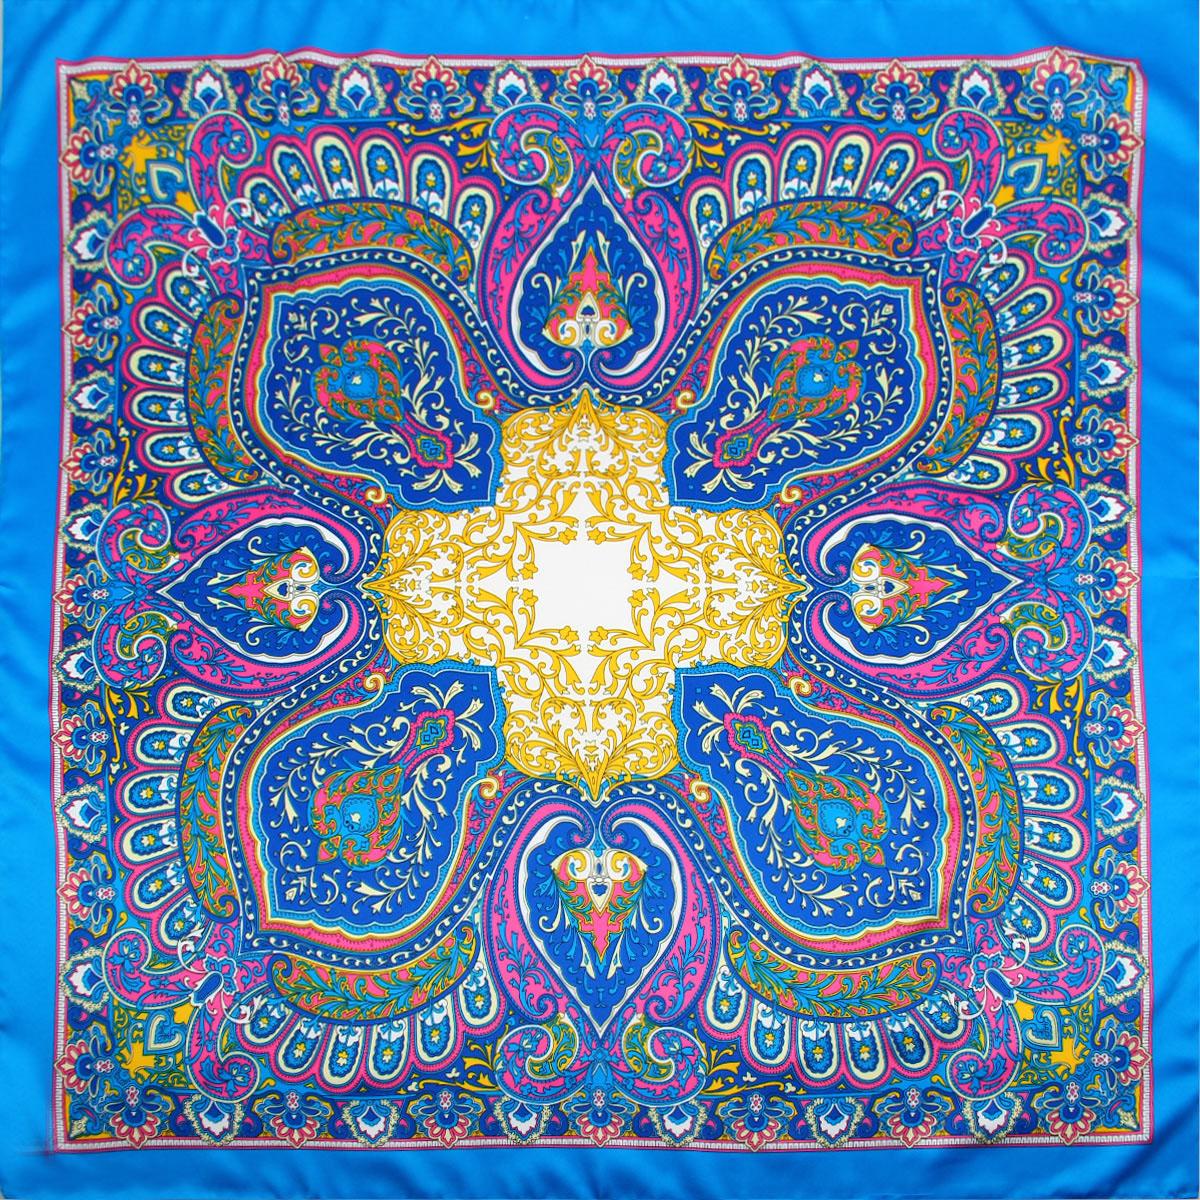 Платок женский Venera, цвет: ярко-голубой, розовый, желтый. 3906133-12. Размер 90 см х 90 см3906133-12Изысканный и невероятно красивый женский платок Venera изготовлен из нежного и легкого полиэстера, станет умопомрачительным аксессуаром для нежной и романтичной женщины, которая всегда стремиться произвести эффект на окружающих. Этот замечательный платок с деликатным восточным рисунком добавит образу экзотичности, восточного шарма и великолепия.Классическая квадратная форма позволяет носить платок на шее, украшать им прическу или декорировать сумочку.Такой платок превосходно дополнит любой наряд и подчеркнет ваш неповторимый вкус и элегантность.